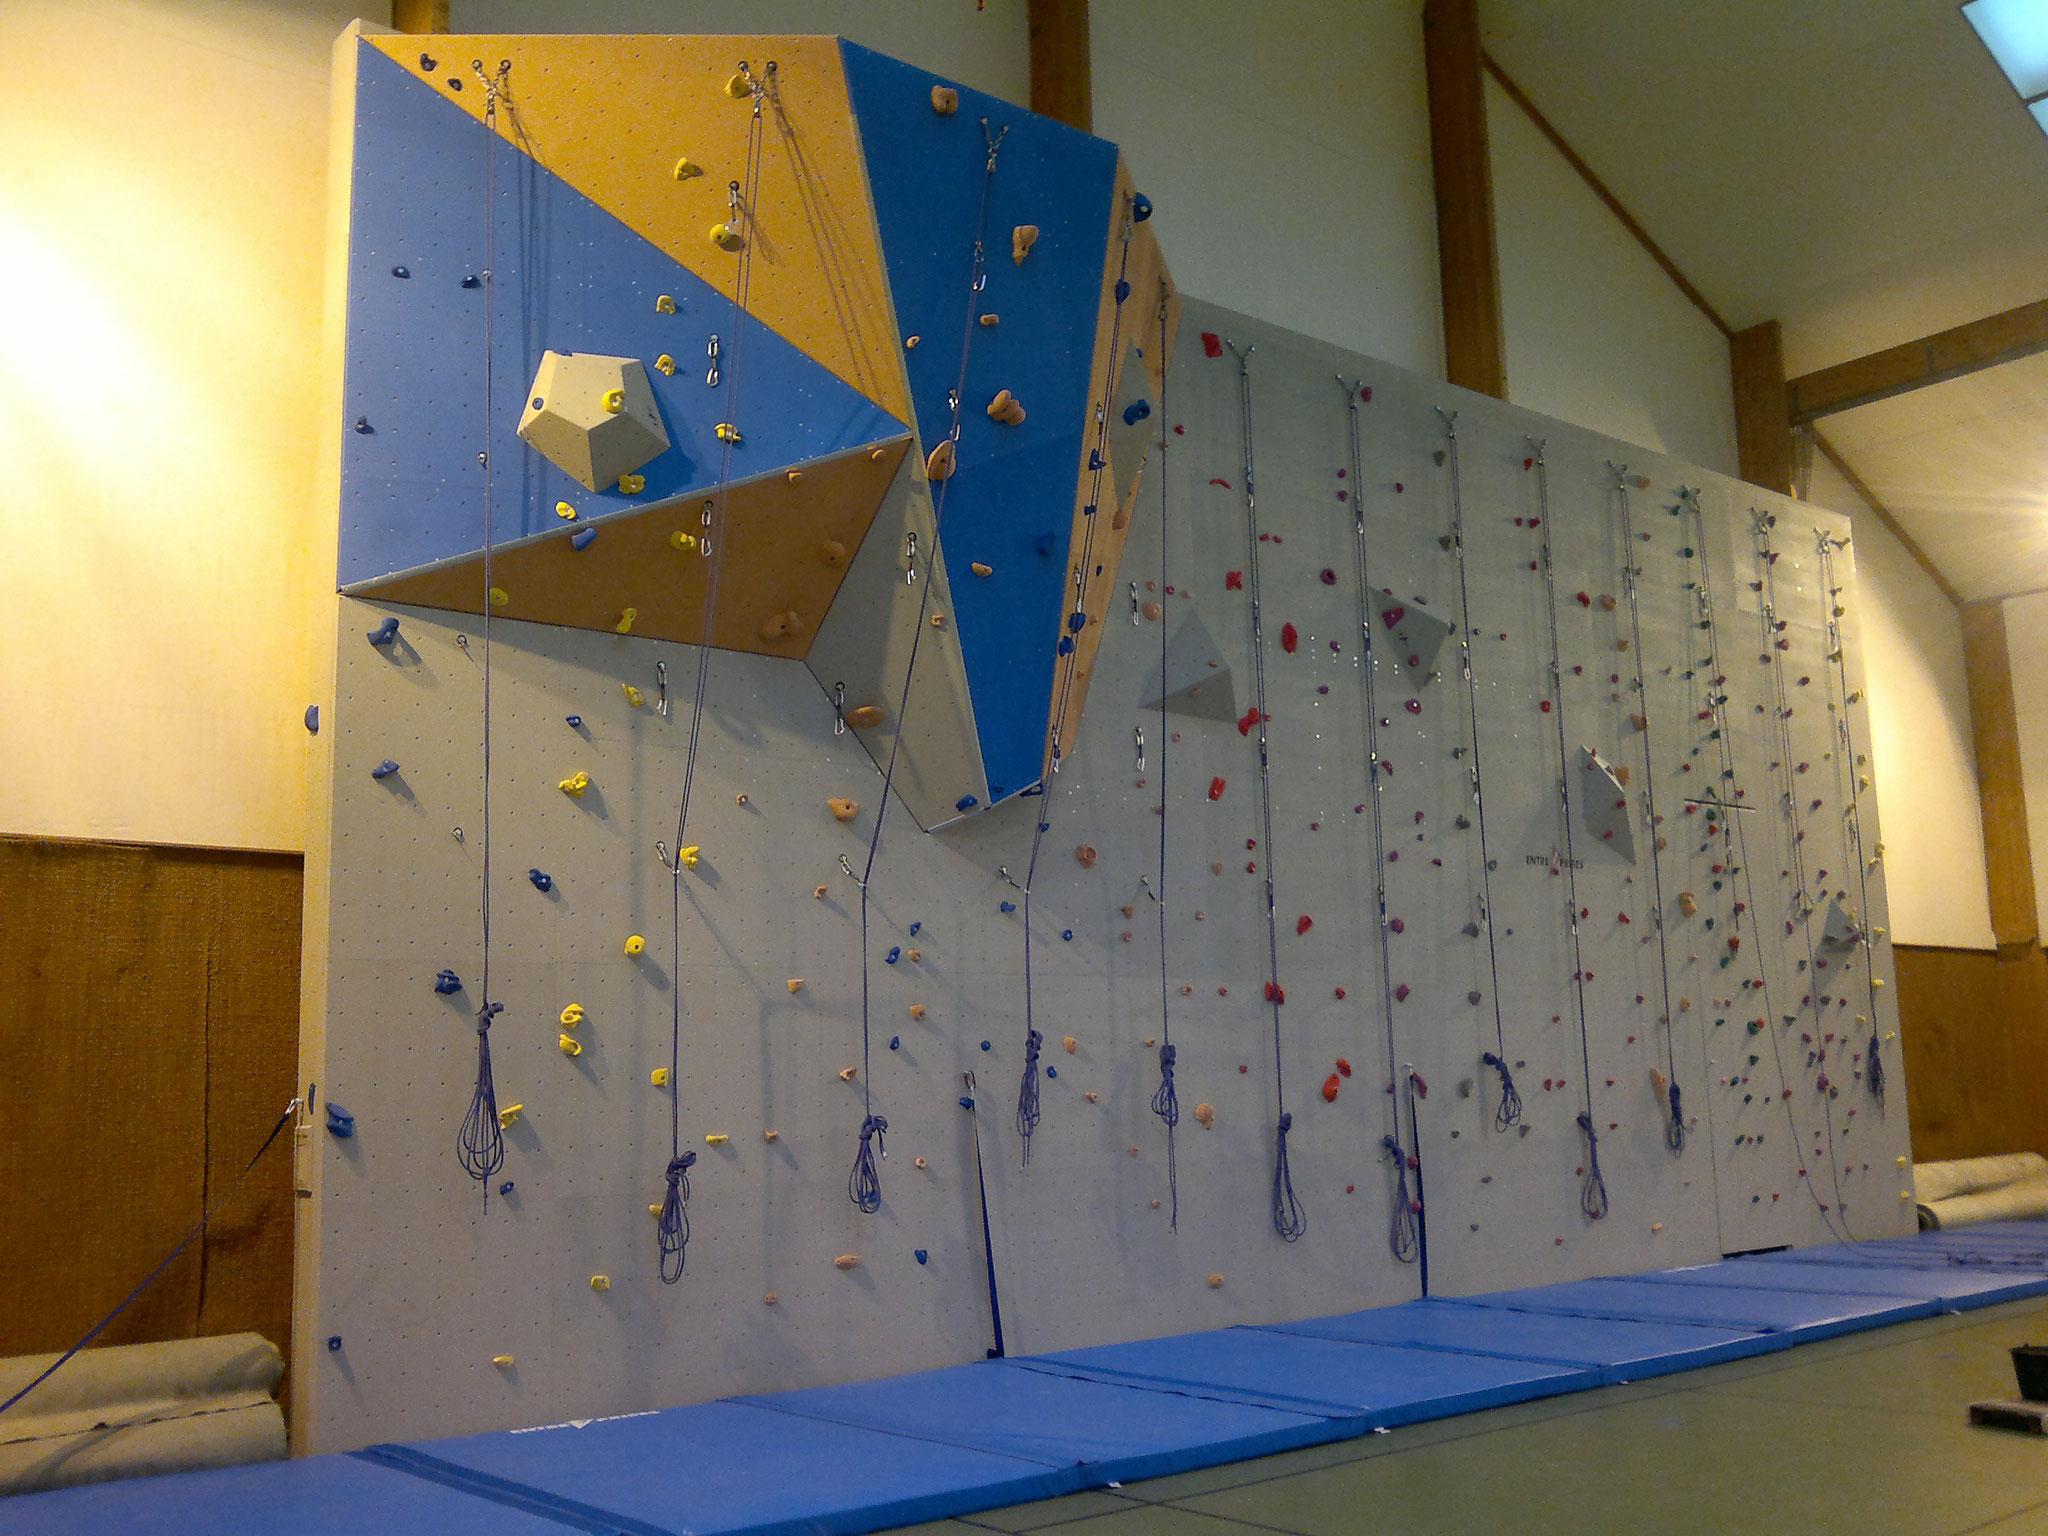 Le mur d'escalade dans la salle de sports!